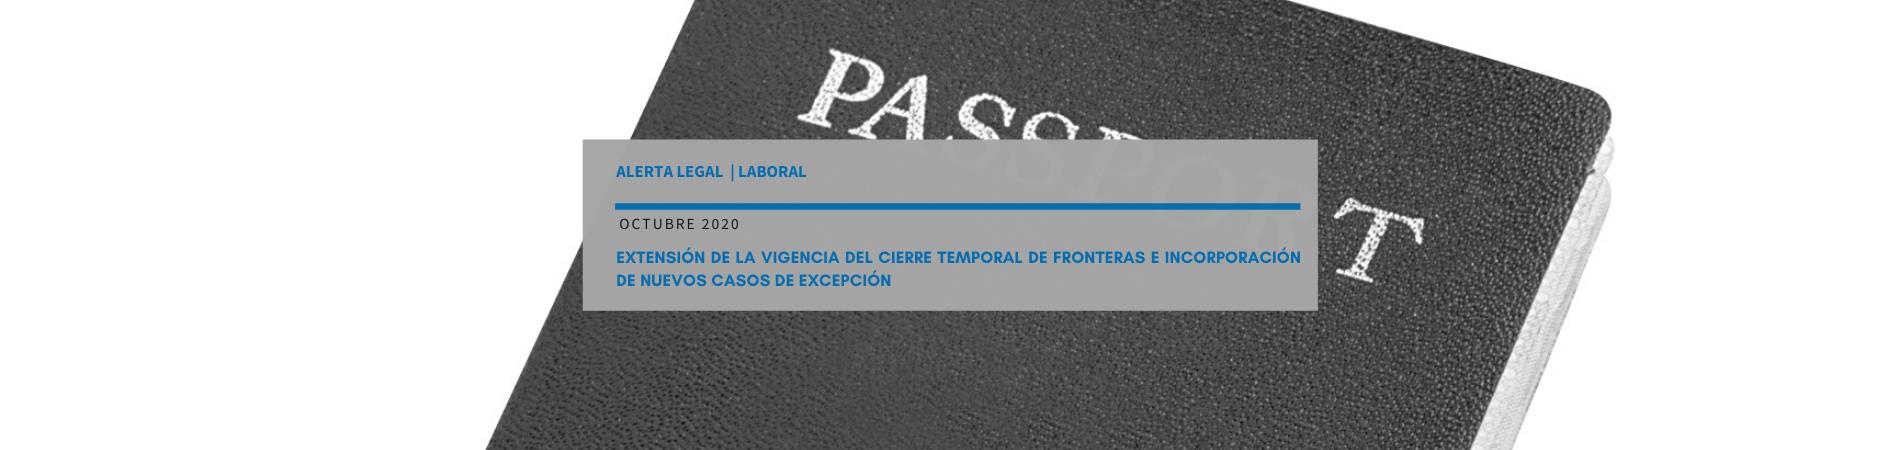 Alerta Legal Laboral | Extensión de la vigencia del cierre temporal de fronteras e incorporación de nuevos casos de excepción